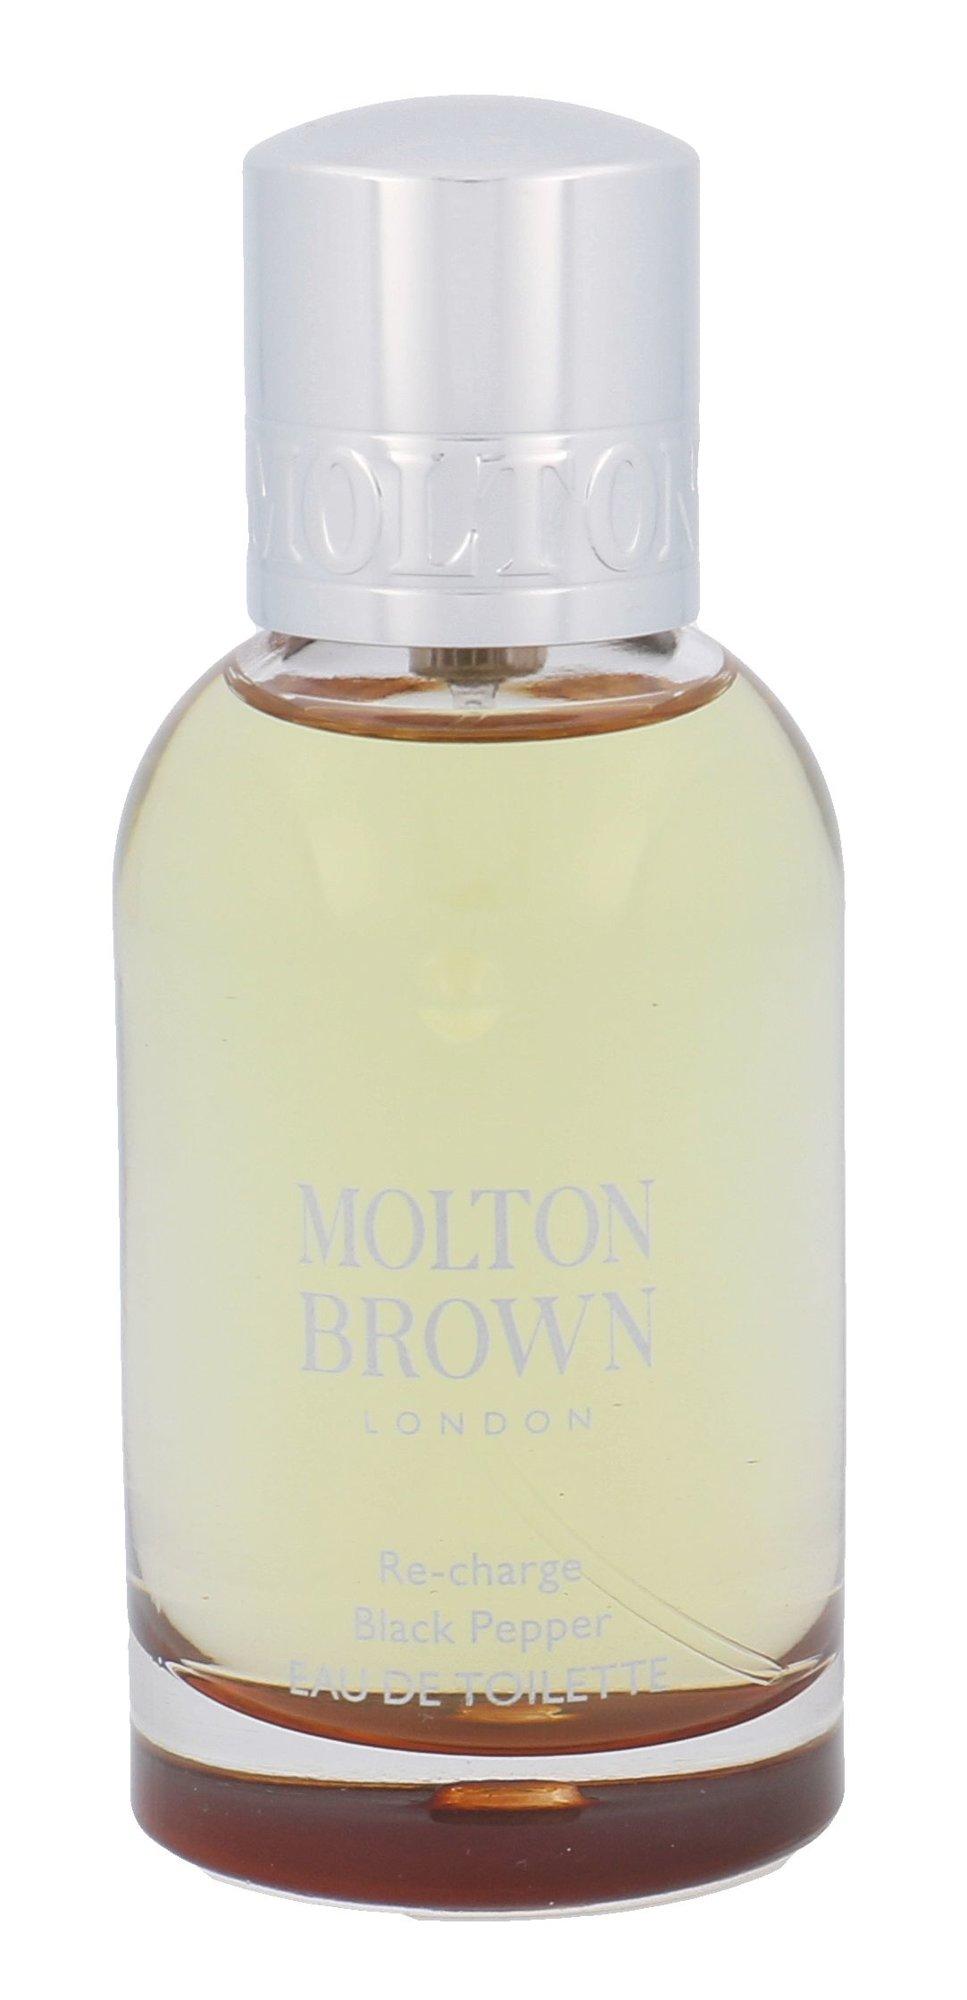 Molton Brown Black Pepper EDT 50ml